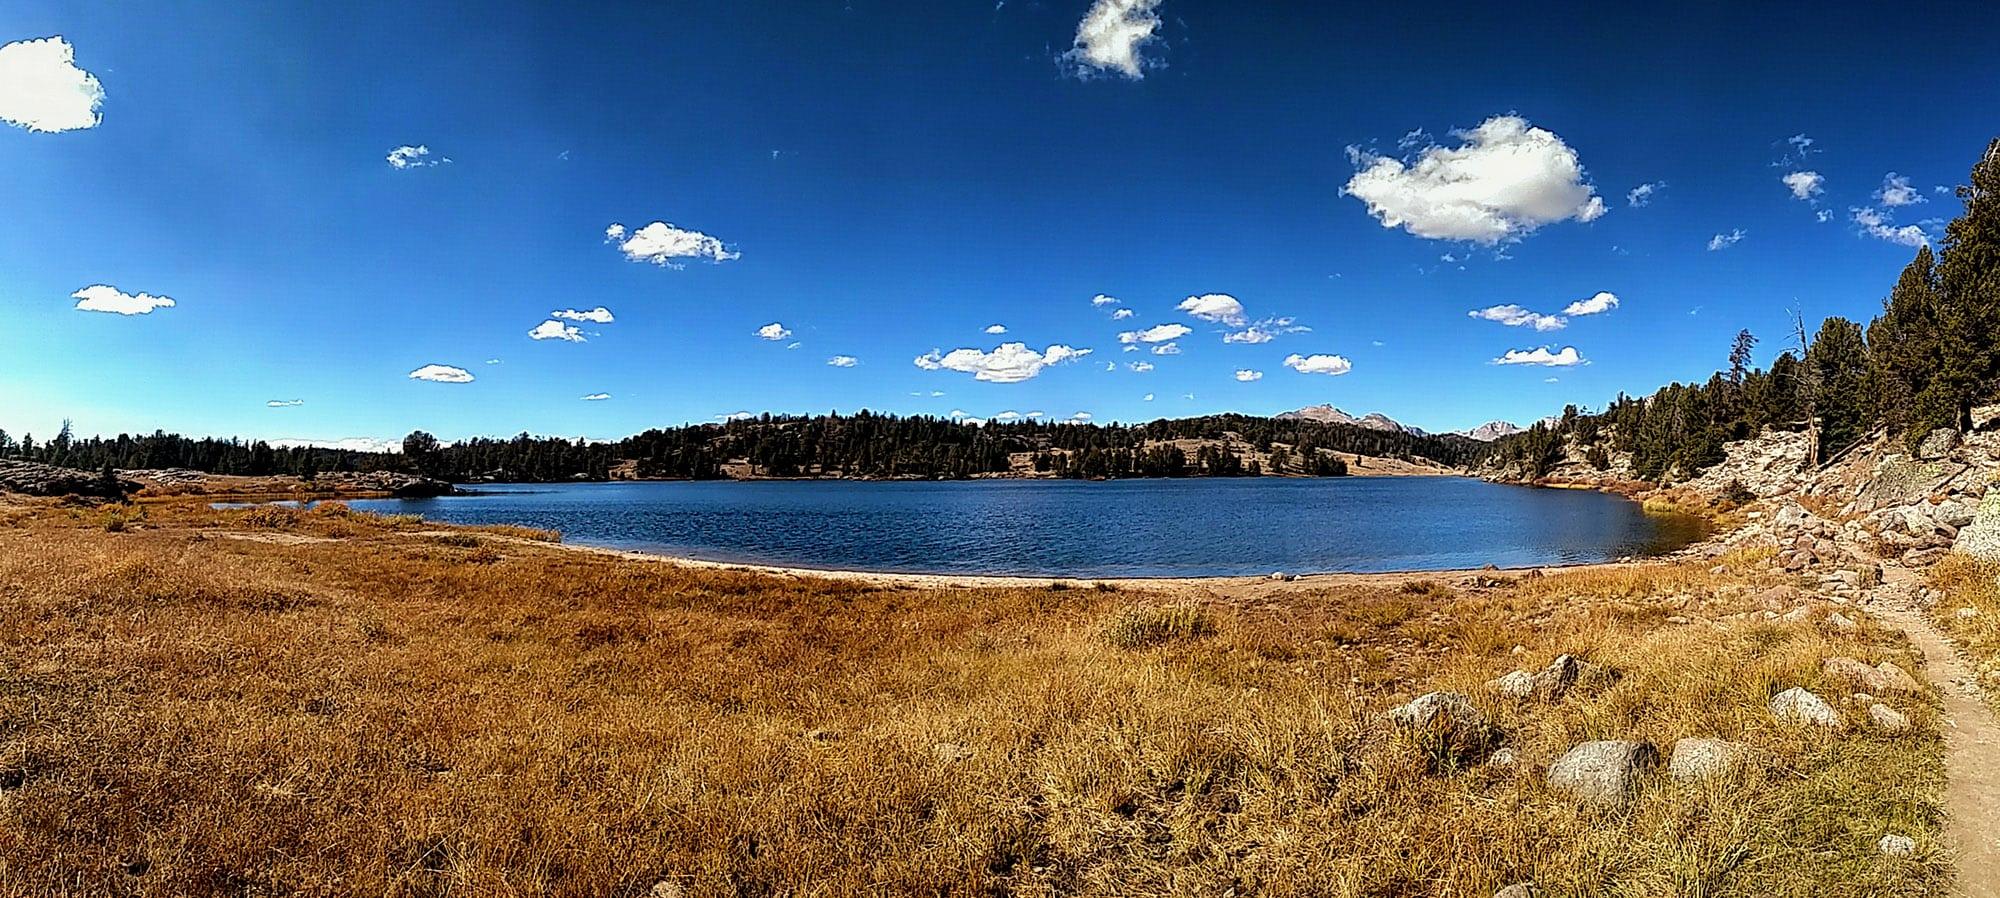 Dads Lake Wyoming